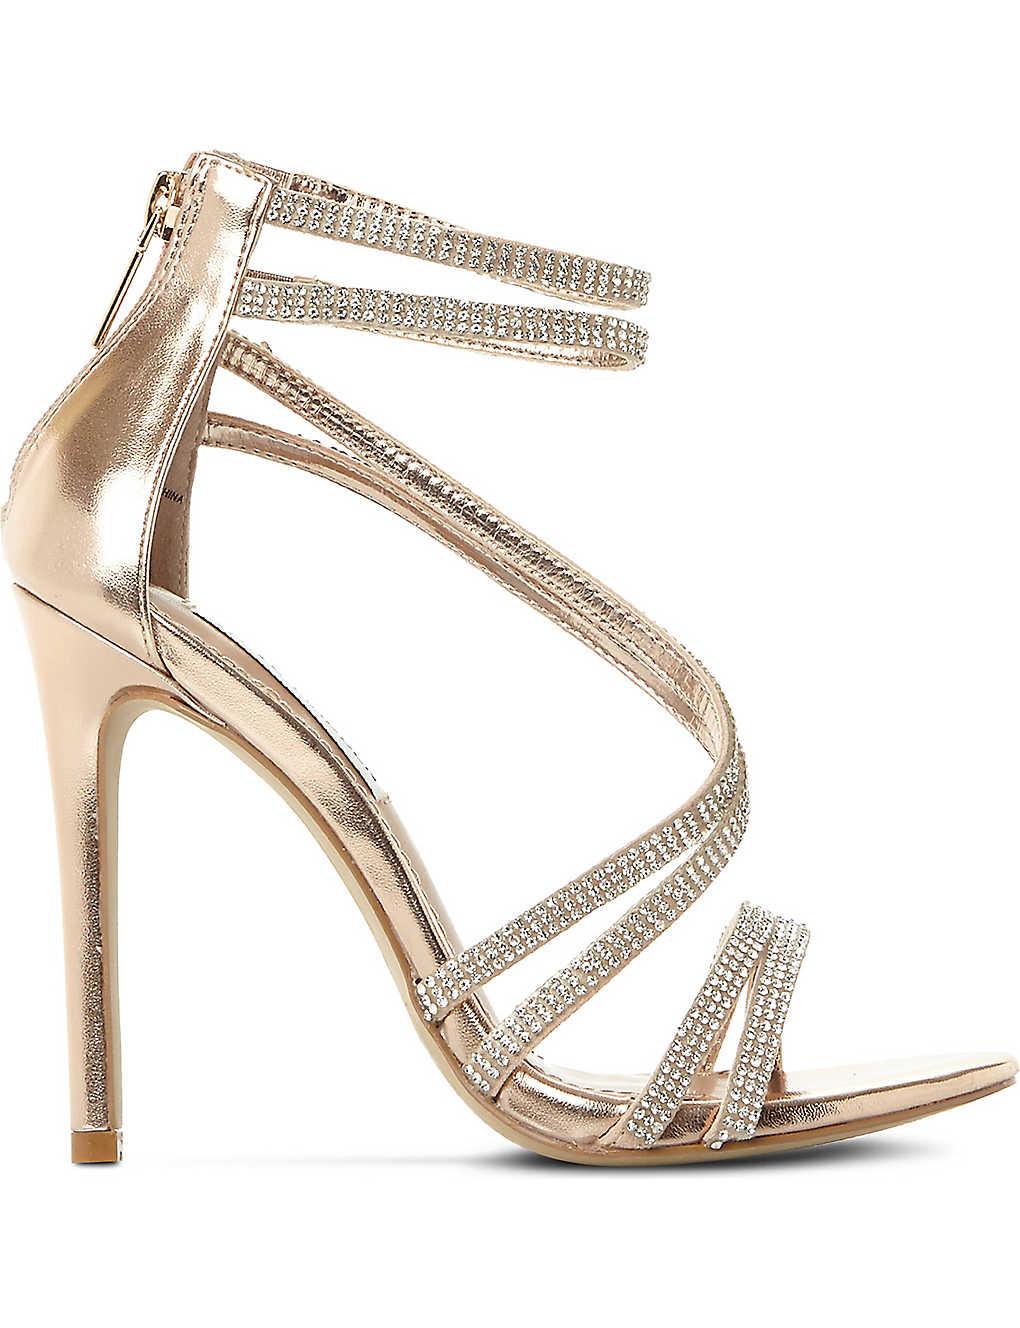 913d5acd1cd8 STEVE MADDEN - Sweetest embellished heeled sandals